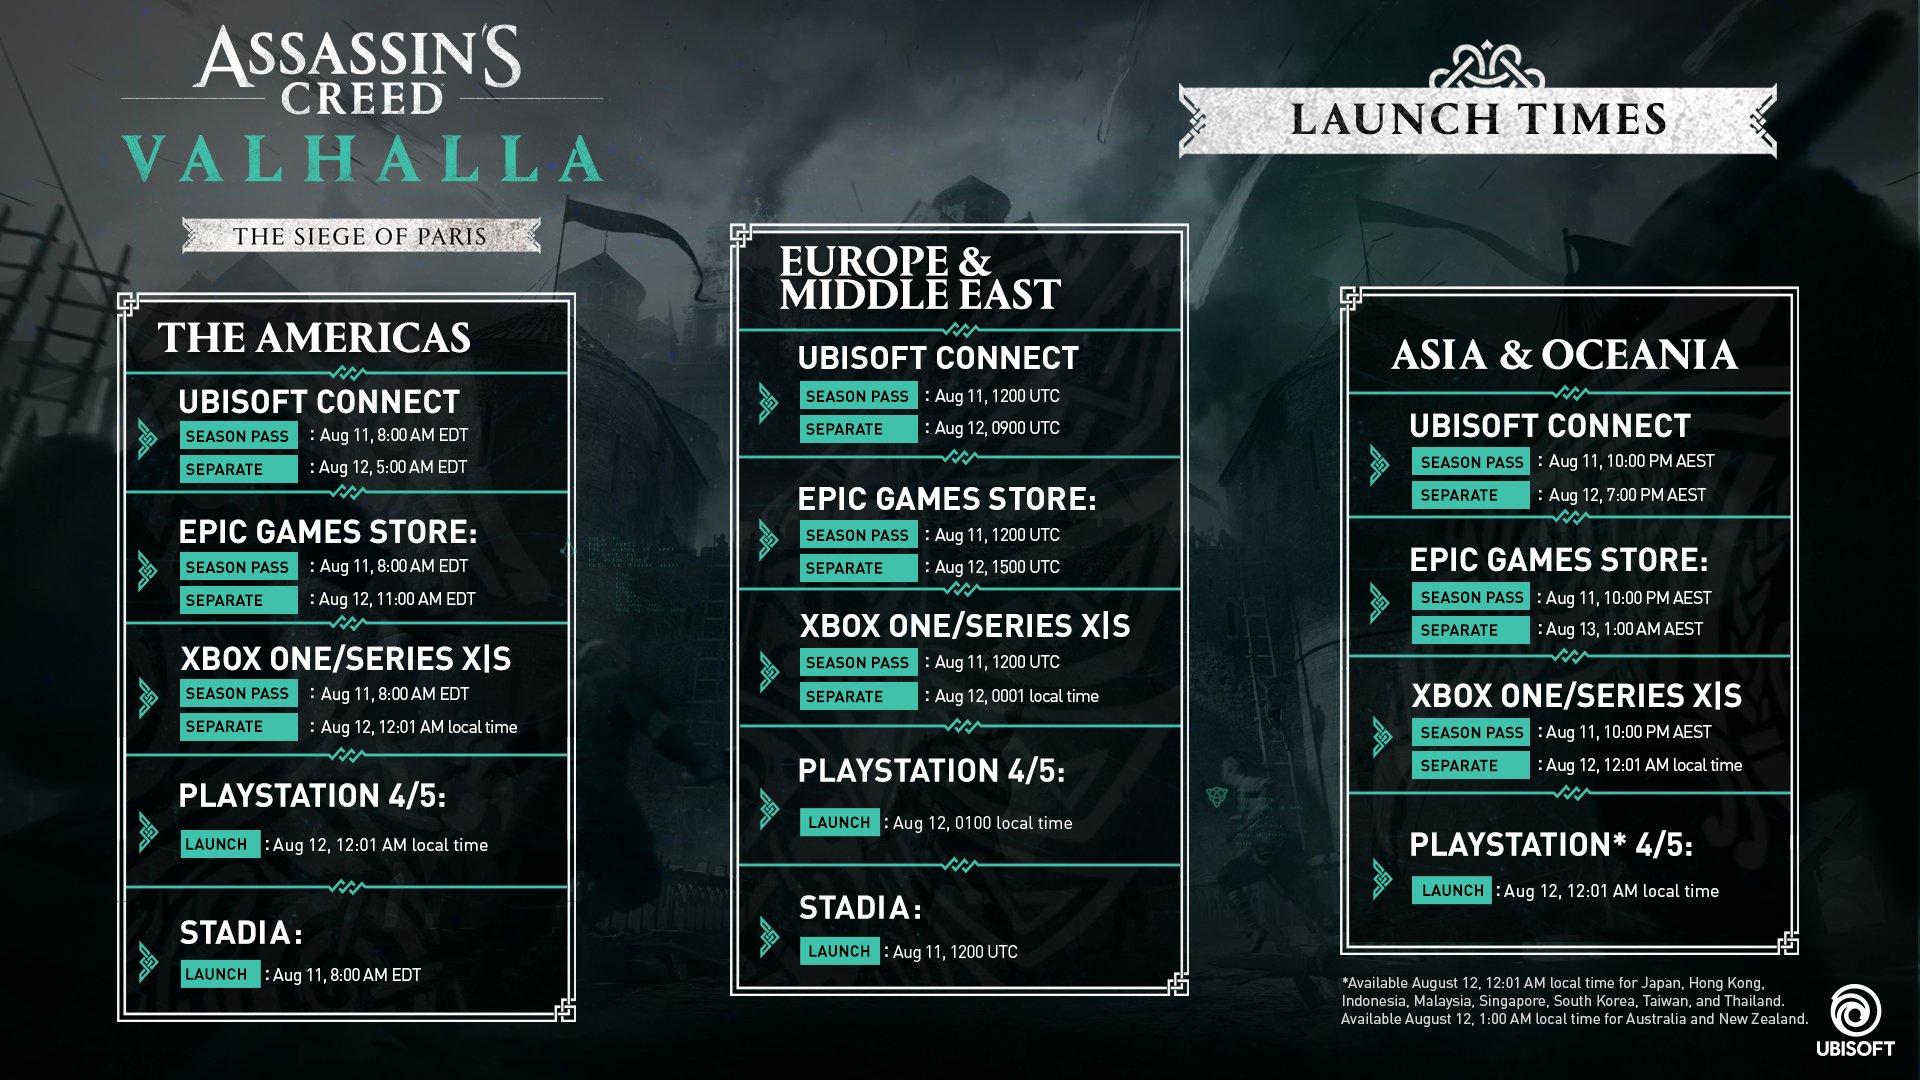 《刺客信条:英灵殿》DLC围攻巴黎最快8月11日可玩 需要玩家购买季票